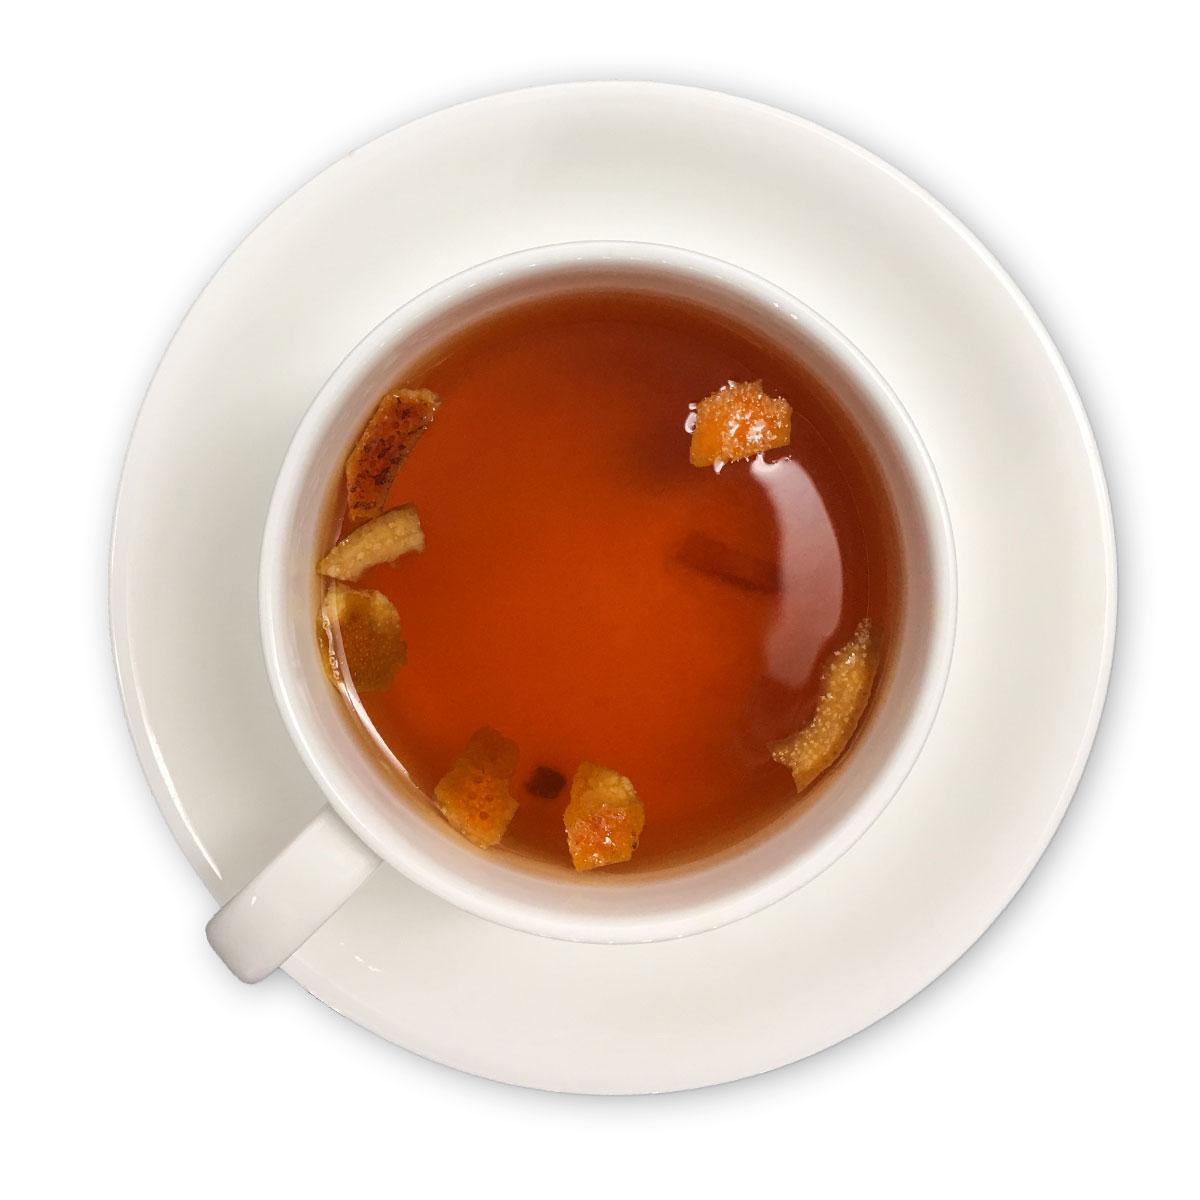 makingtea茶造橙子巧克力红茶花果茶罐装代用茶红茶茶叶